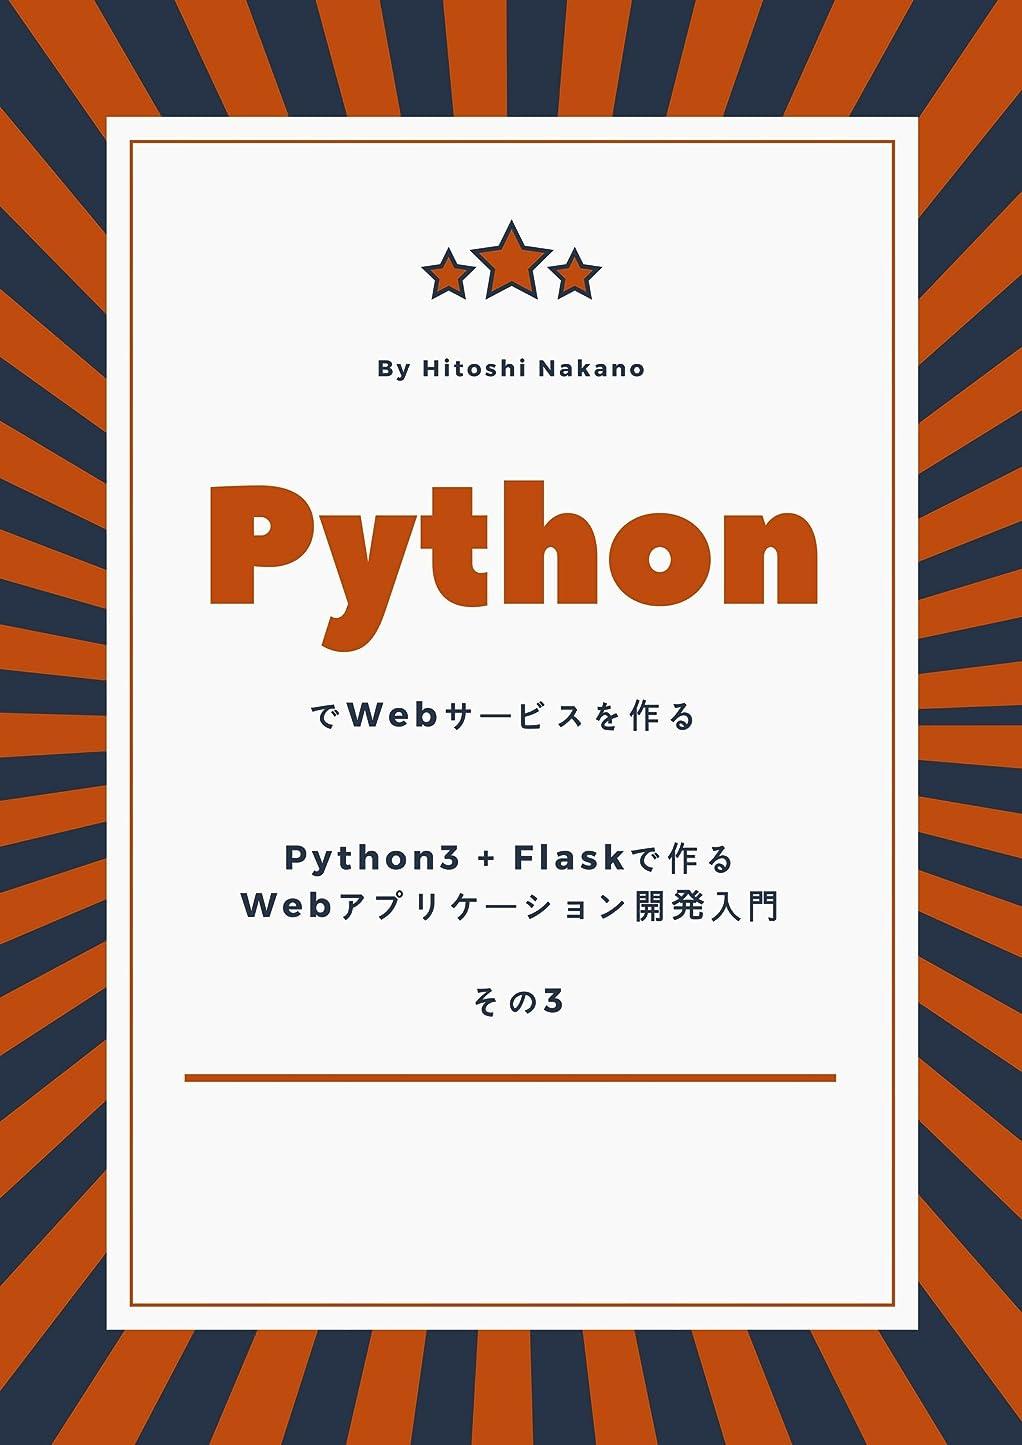 感謝しているウィスキージャーナルPythonでWebサービスを作る - Python3 + Flaskで作るWebアプリケーション開発入門 - その3